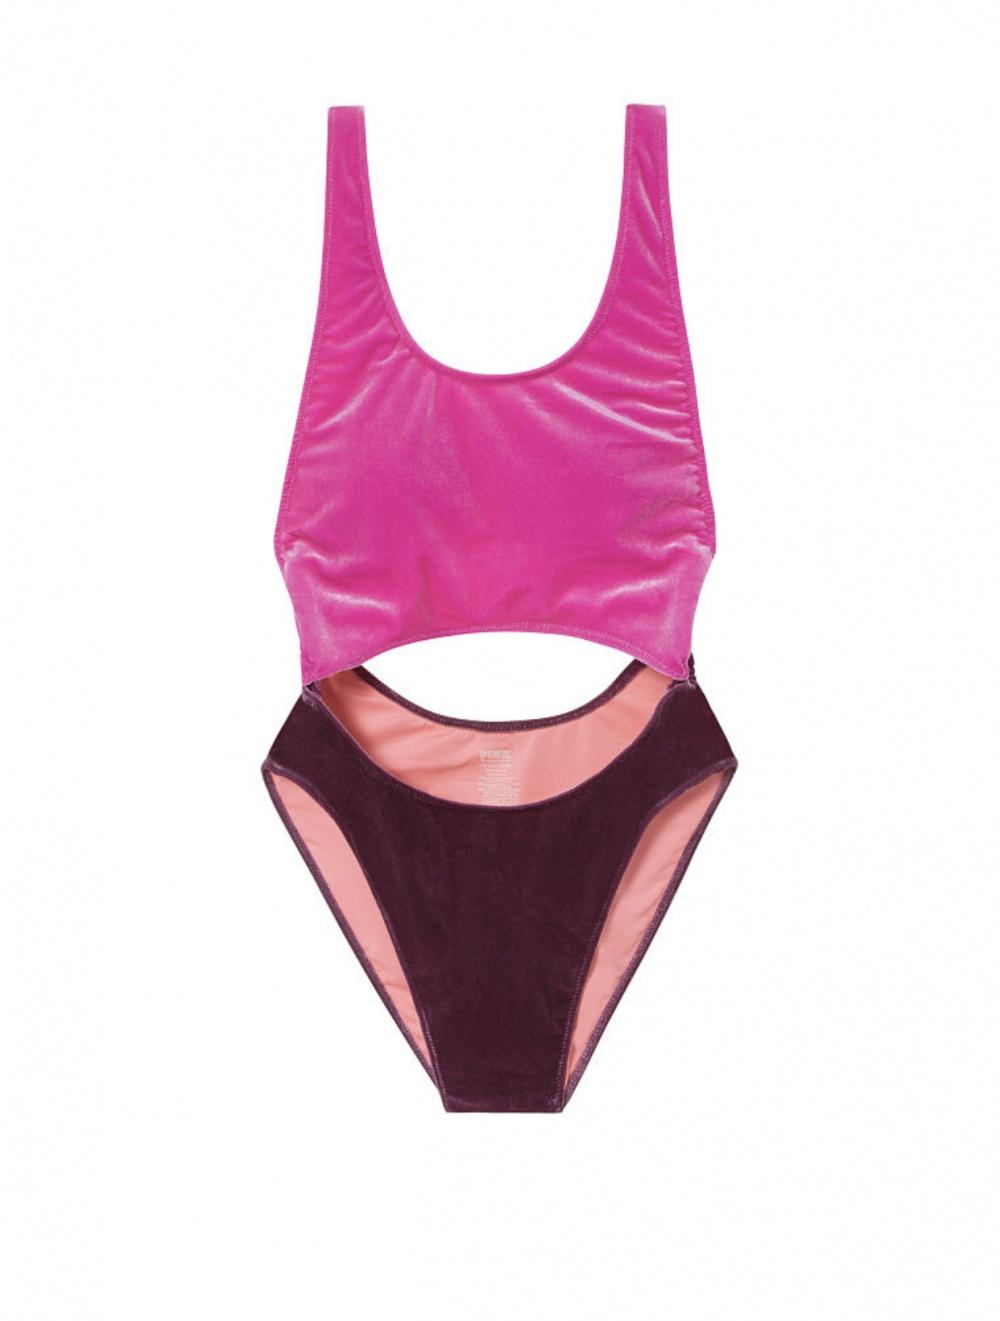 Купальник Victoria's Secret Pink размер S